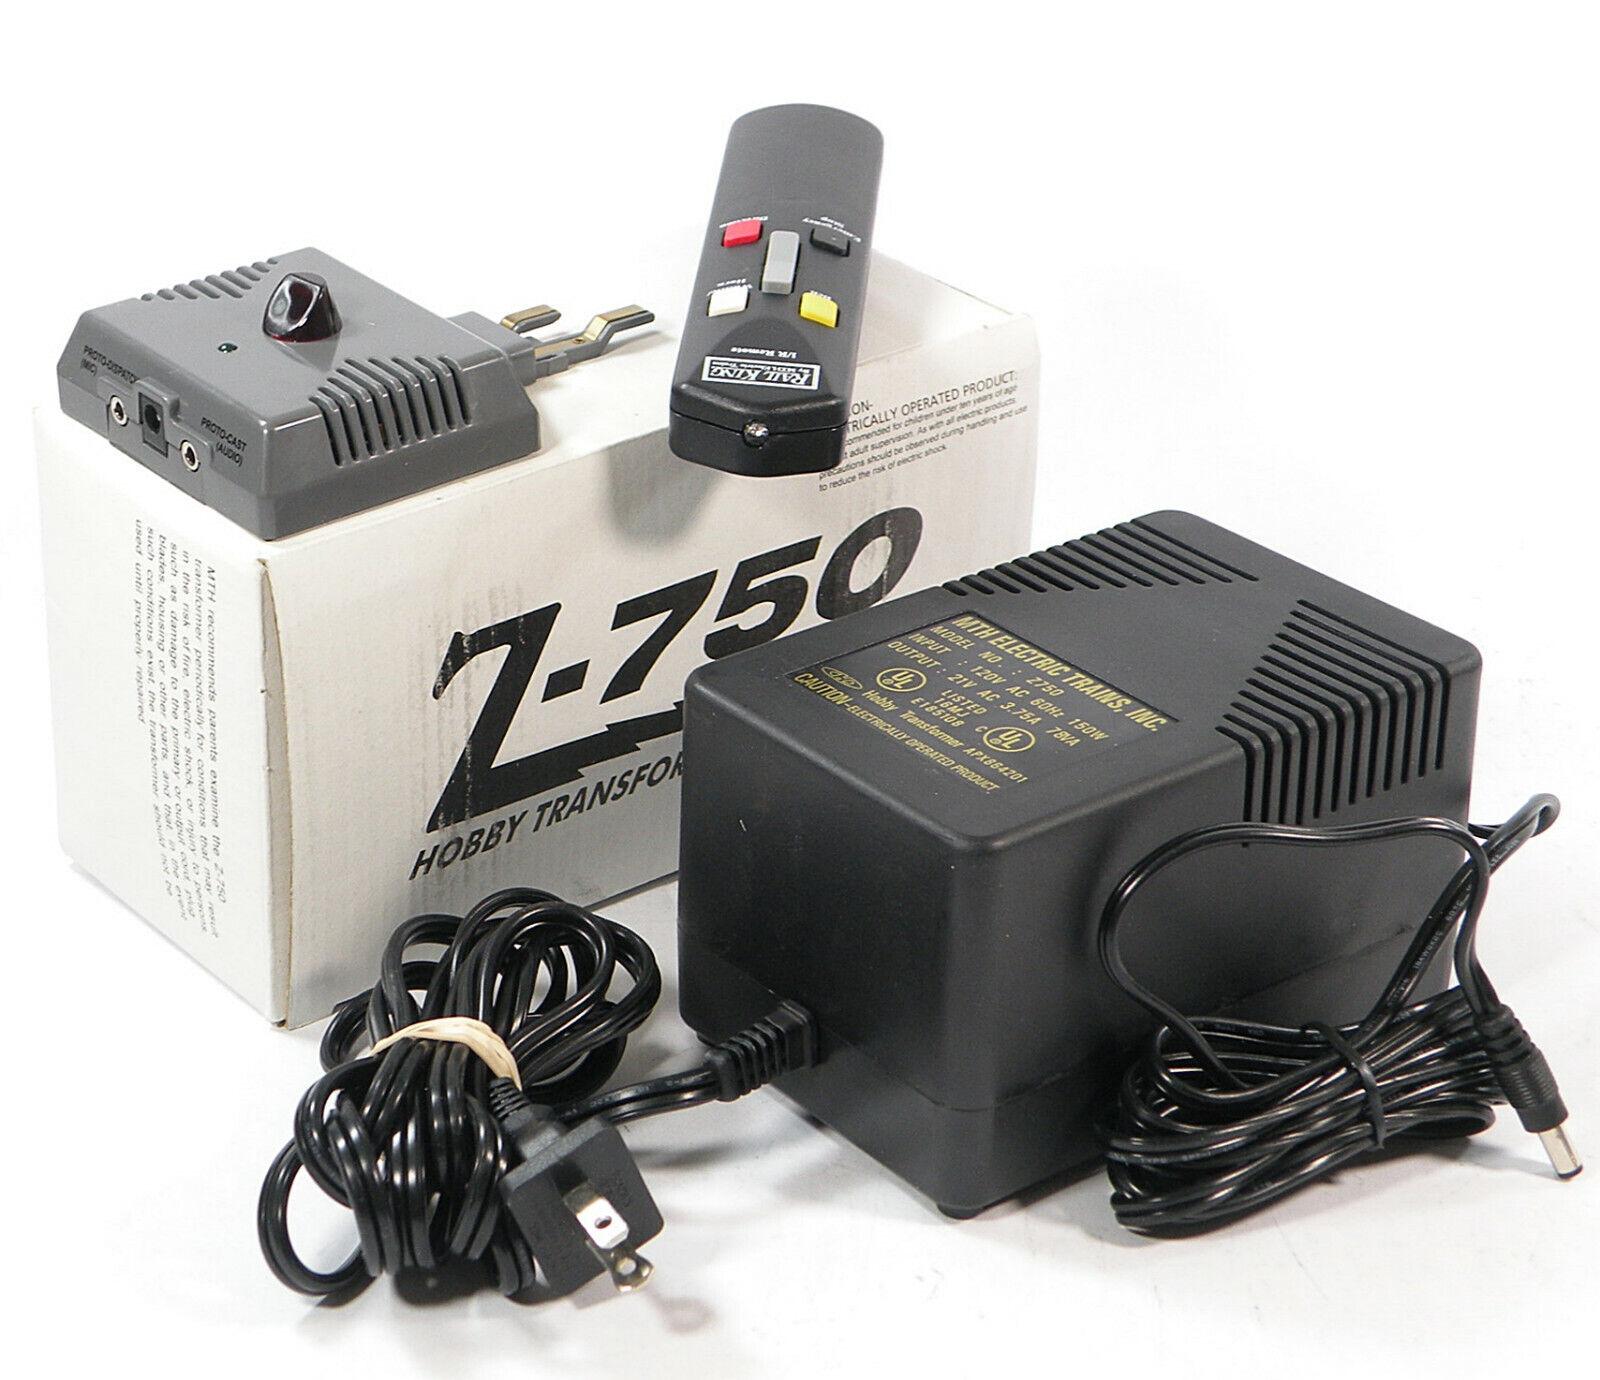 75ワット変圧器とレールIRリモコンシステム